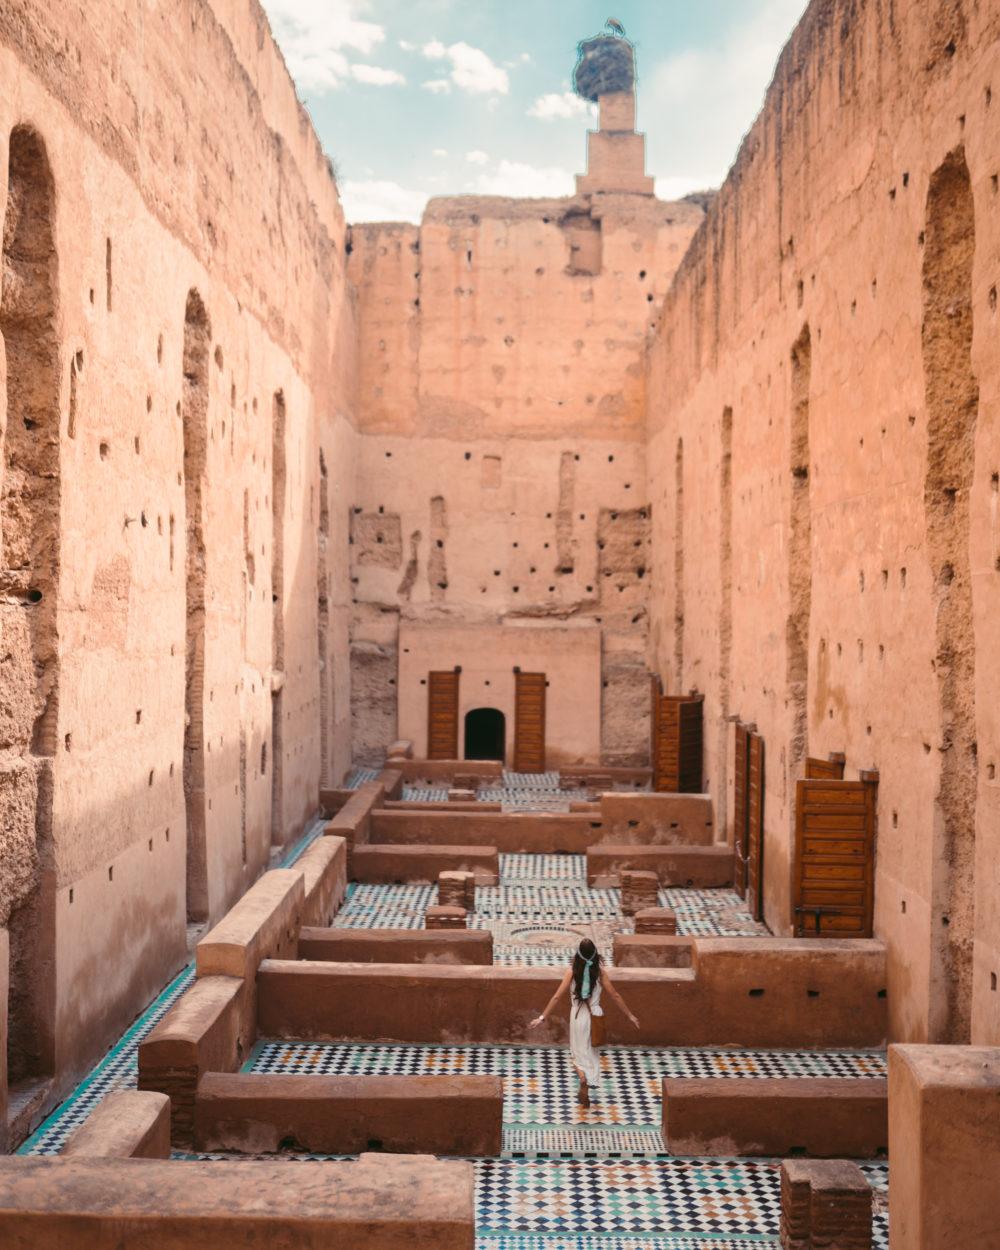 MARRAKESH Morocco AVA and MAY Erfahrung klassische Duftkerze